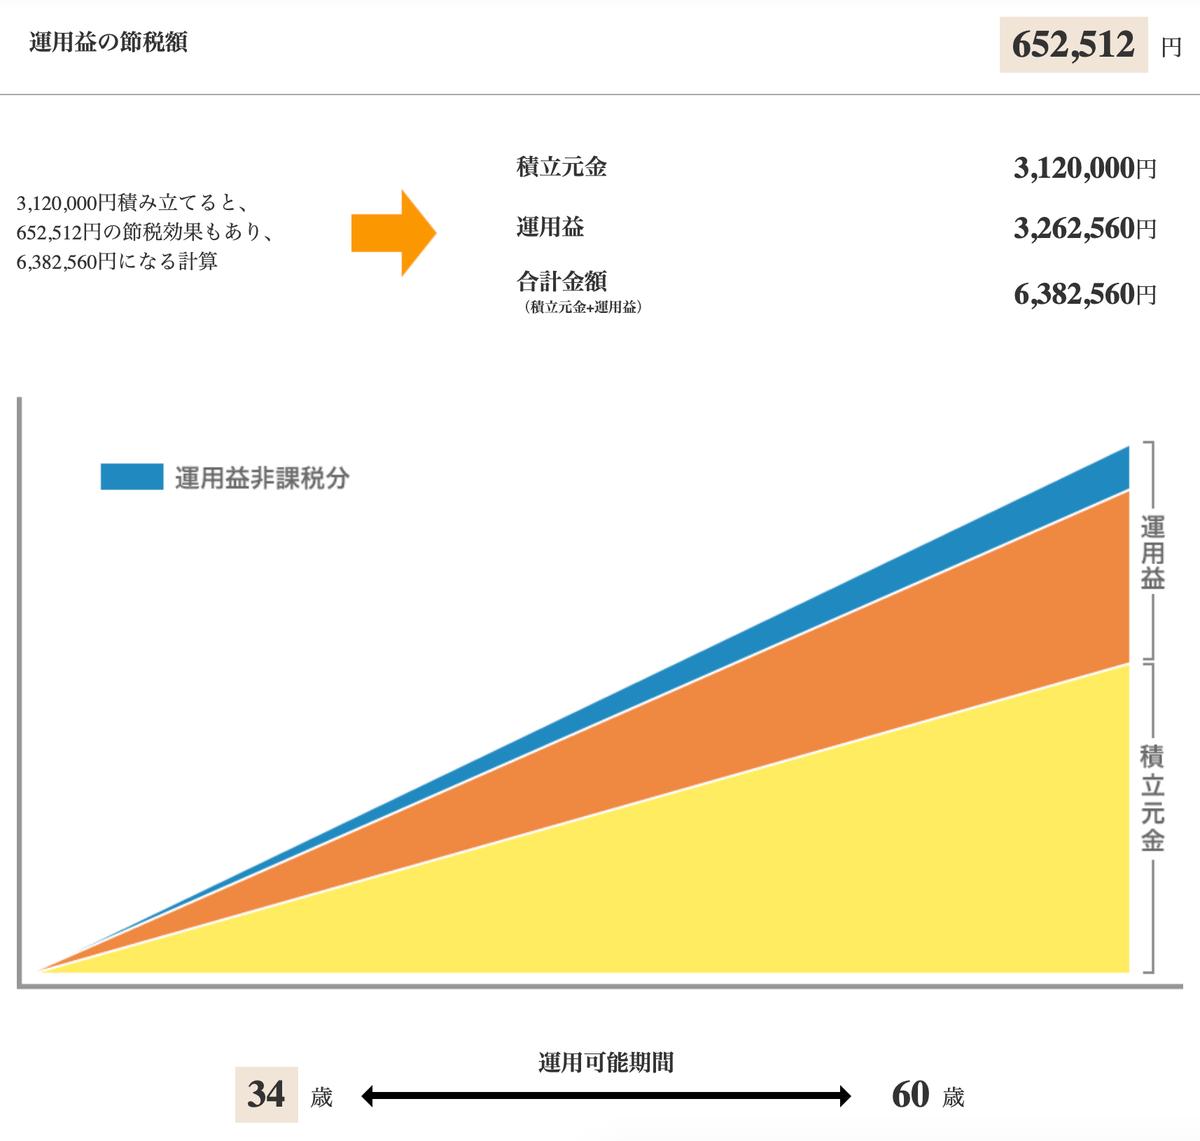 この画像はiDeCoの運用益シュミレーション結果を表示しております。